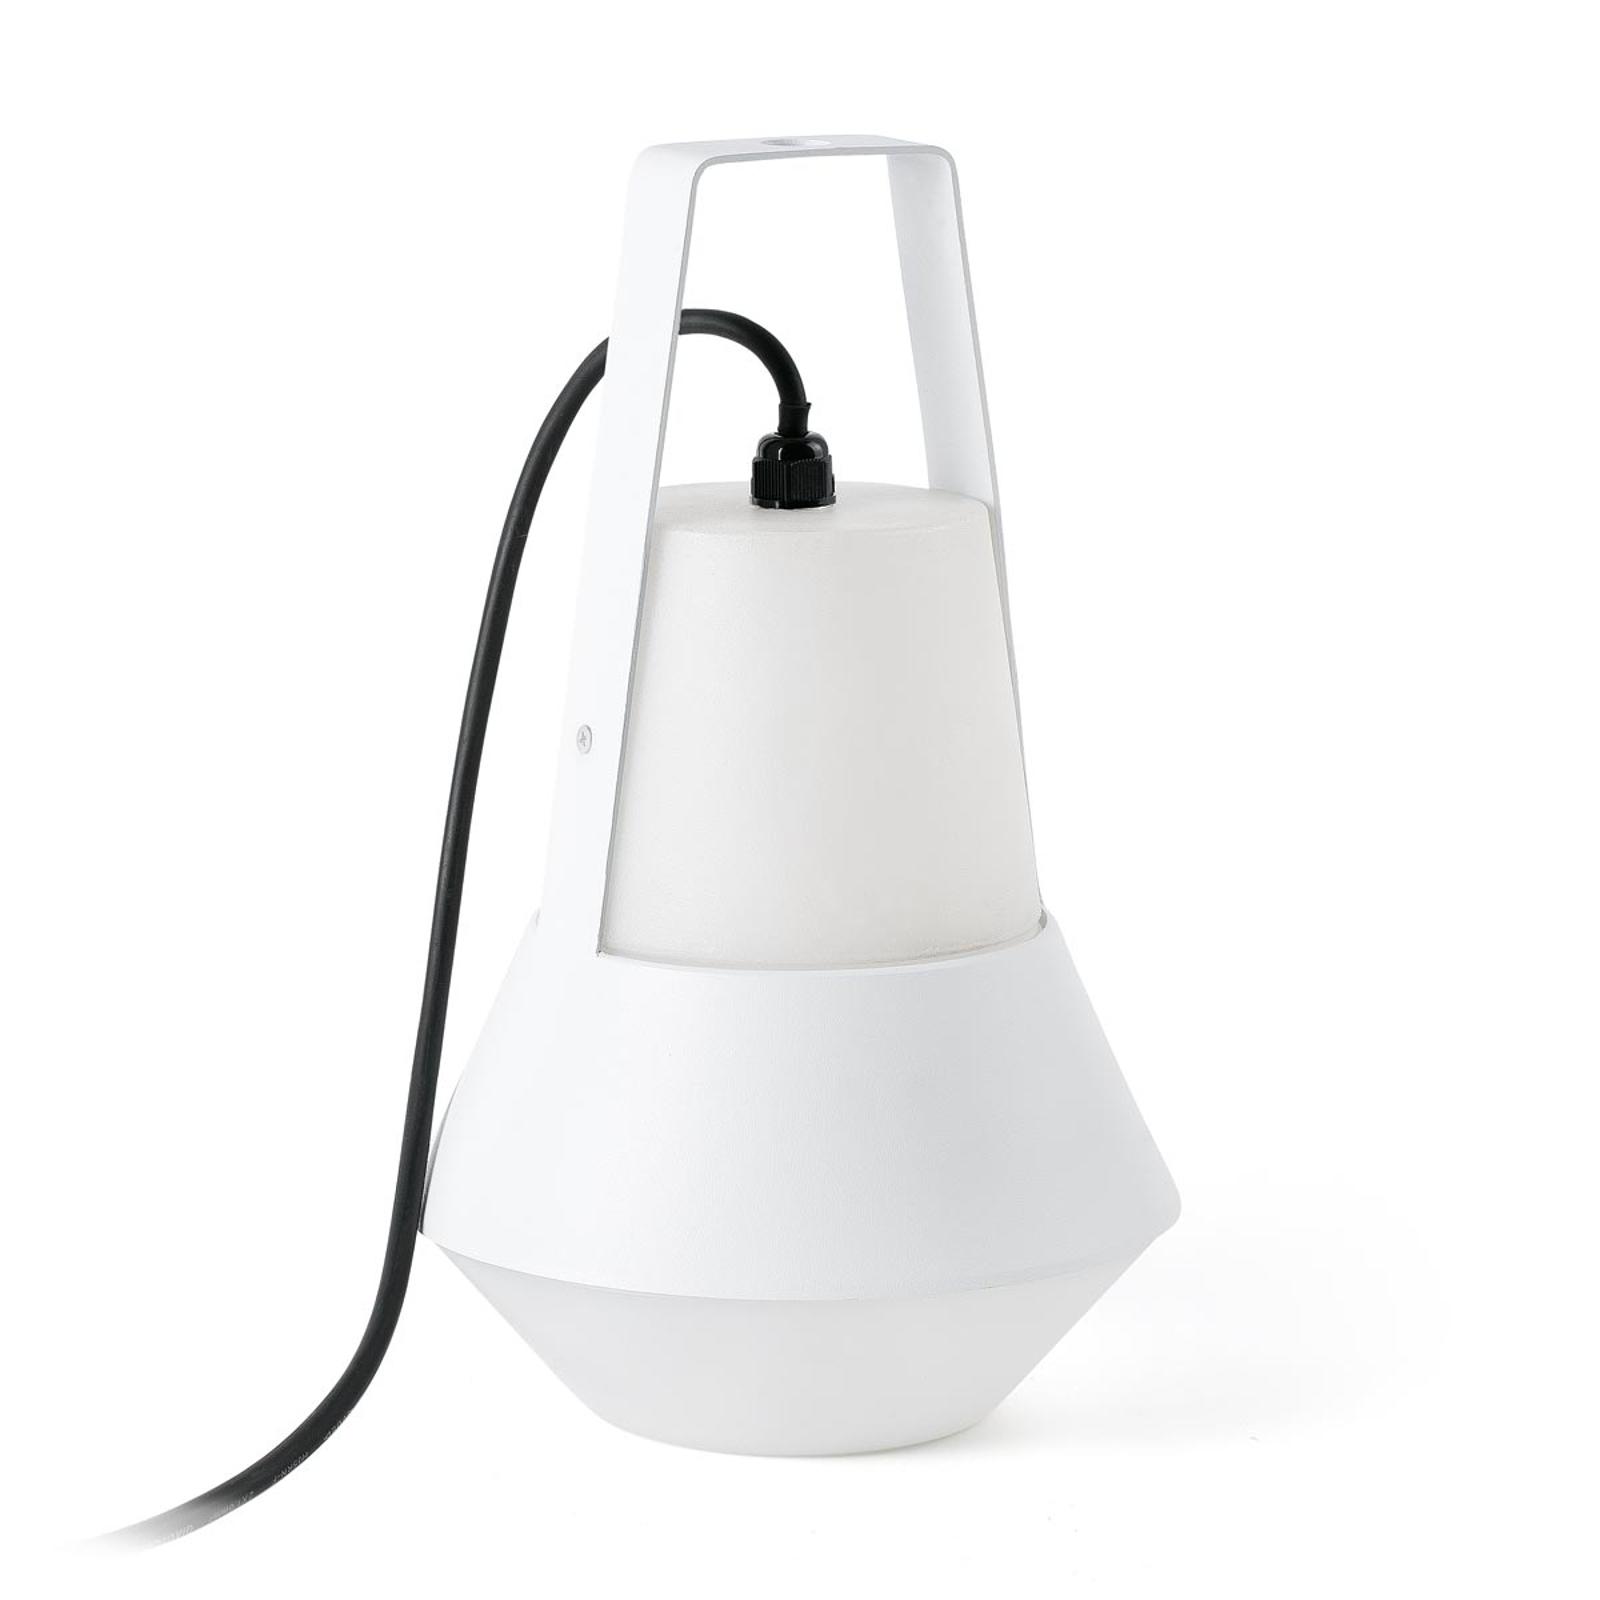 Cat - mobil utomhuslampa i vitt